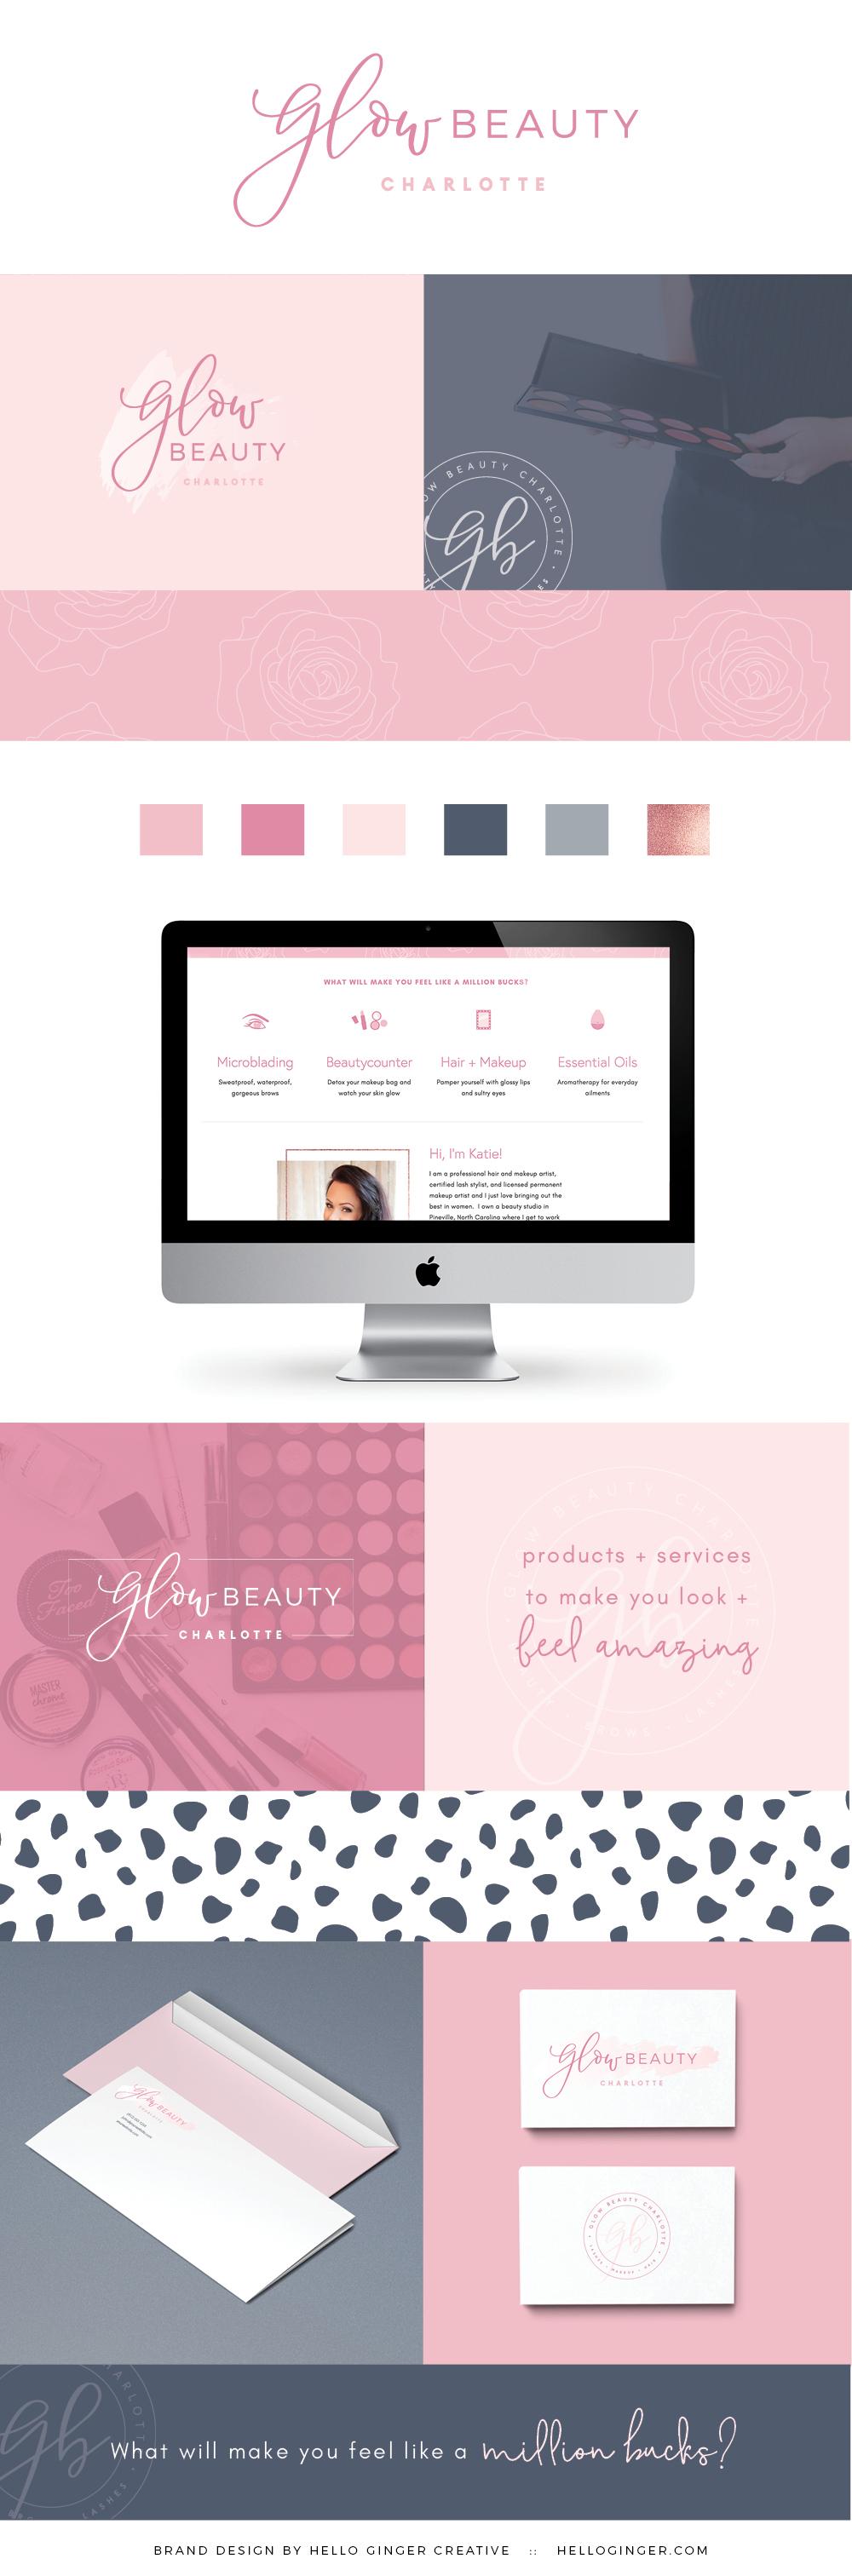 Glow Beauty Branding + Web Design